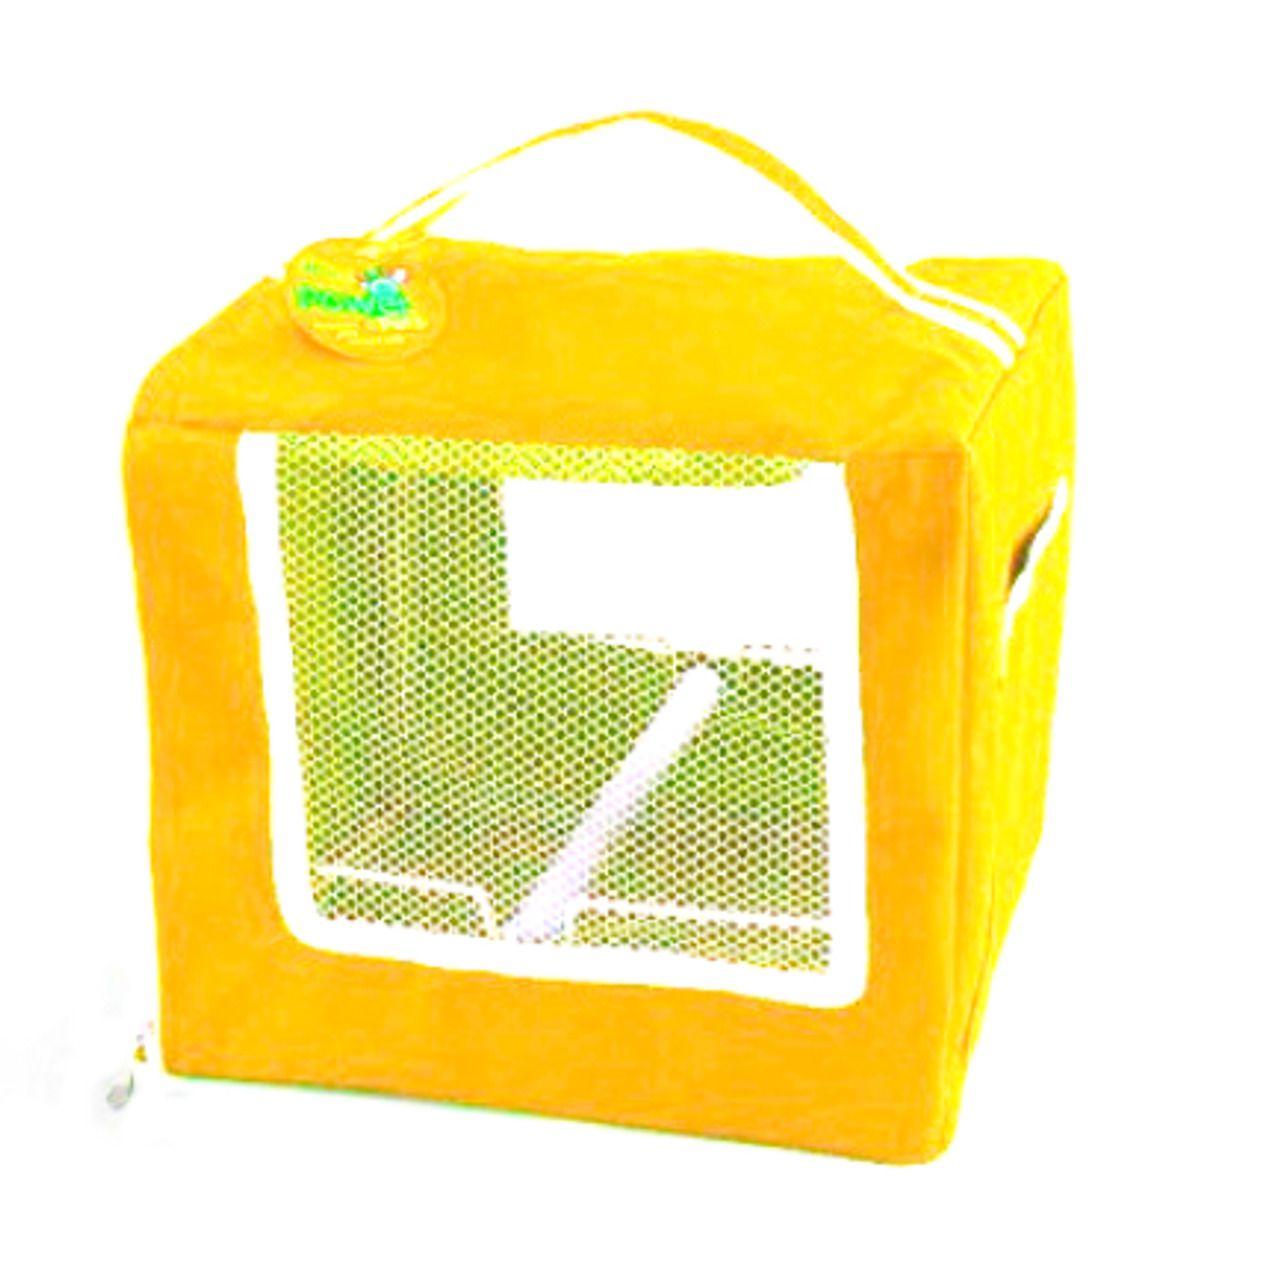 Bolsa de Transporte Paiol do Bicho para Calopsitas - Amarelo